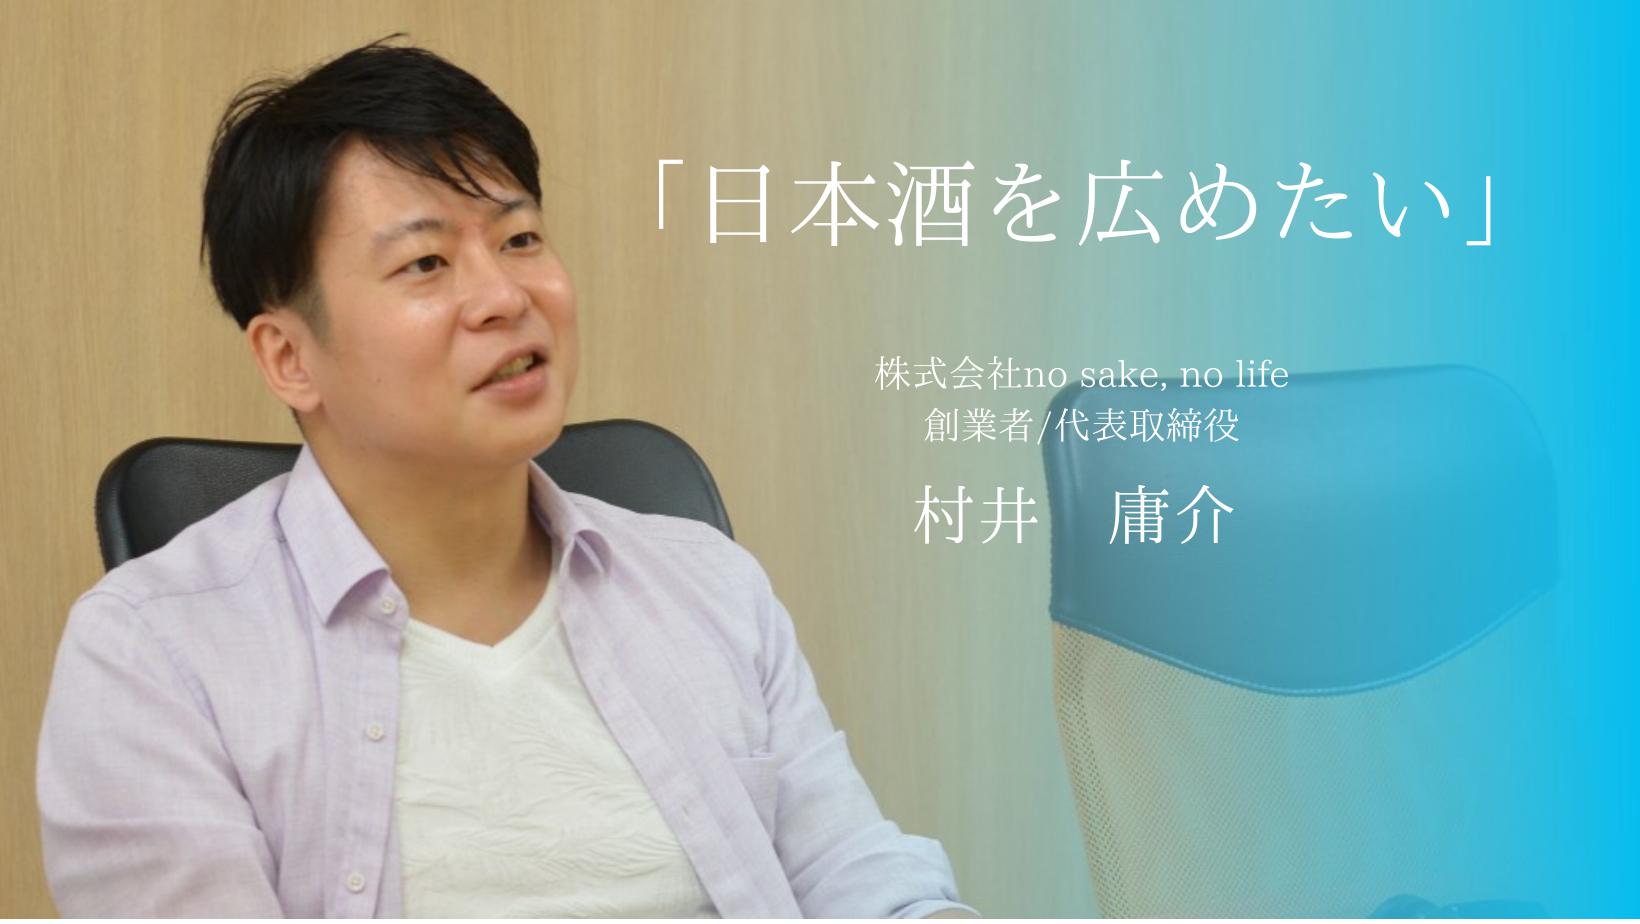 ECサイトで独自の価値を提供する―代表取締役・村井庸介インタビュー